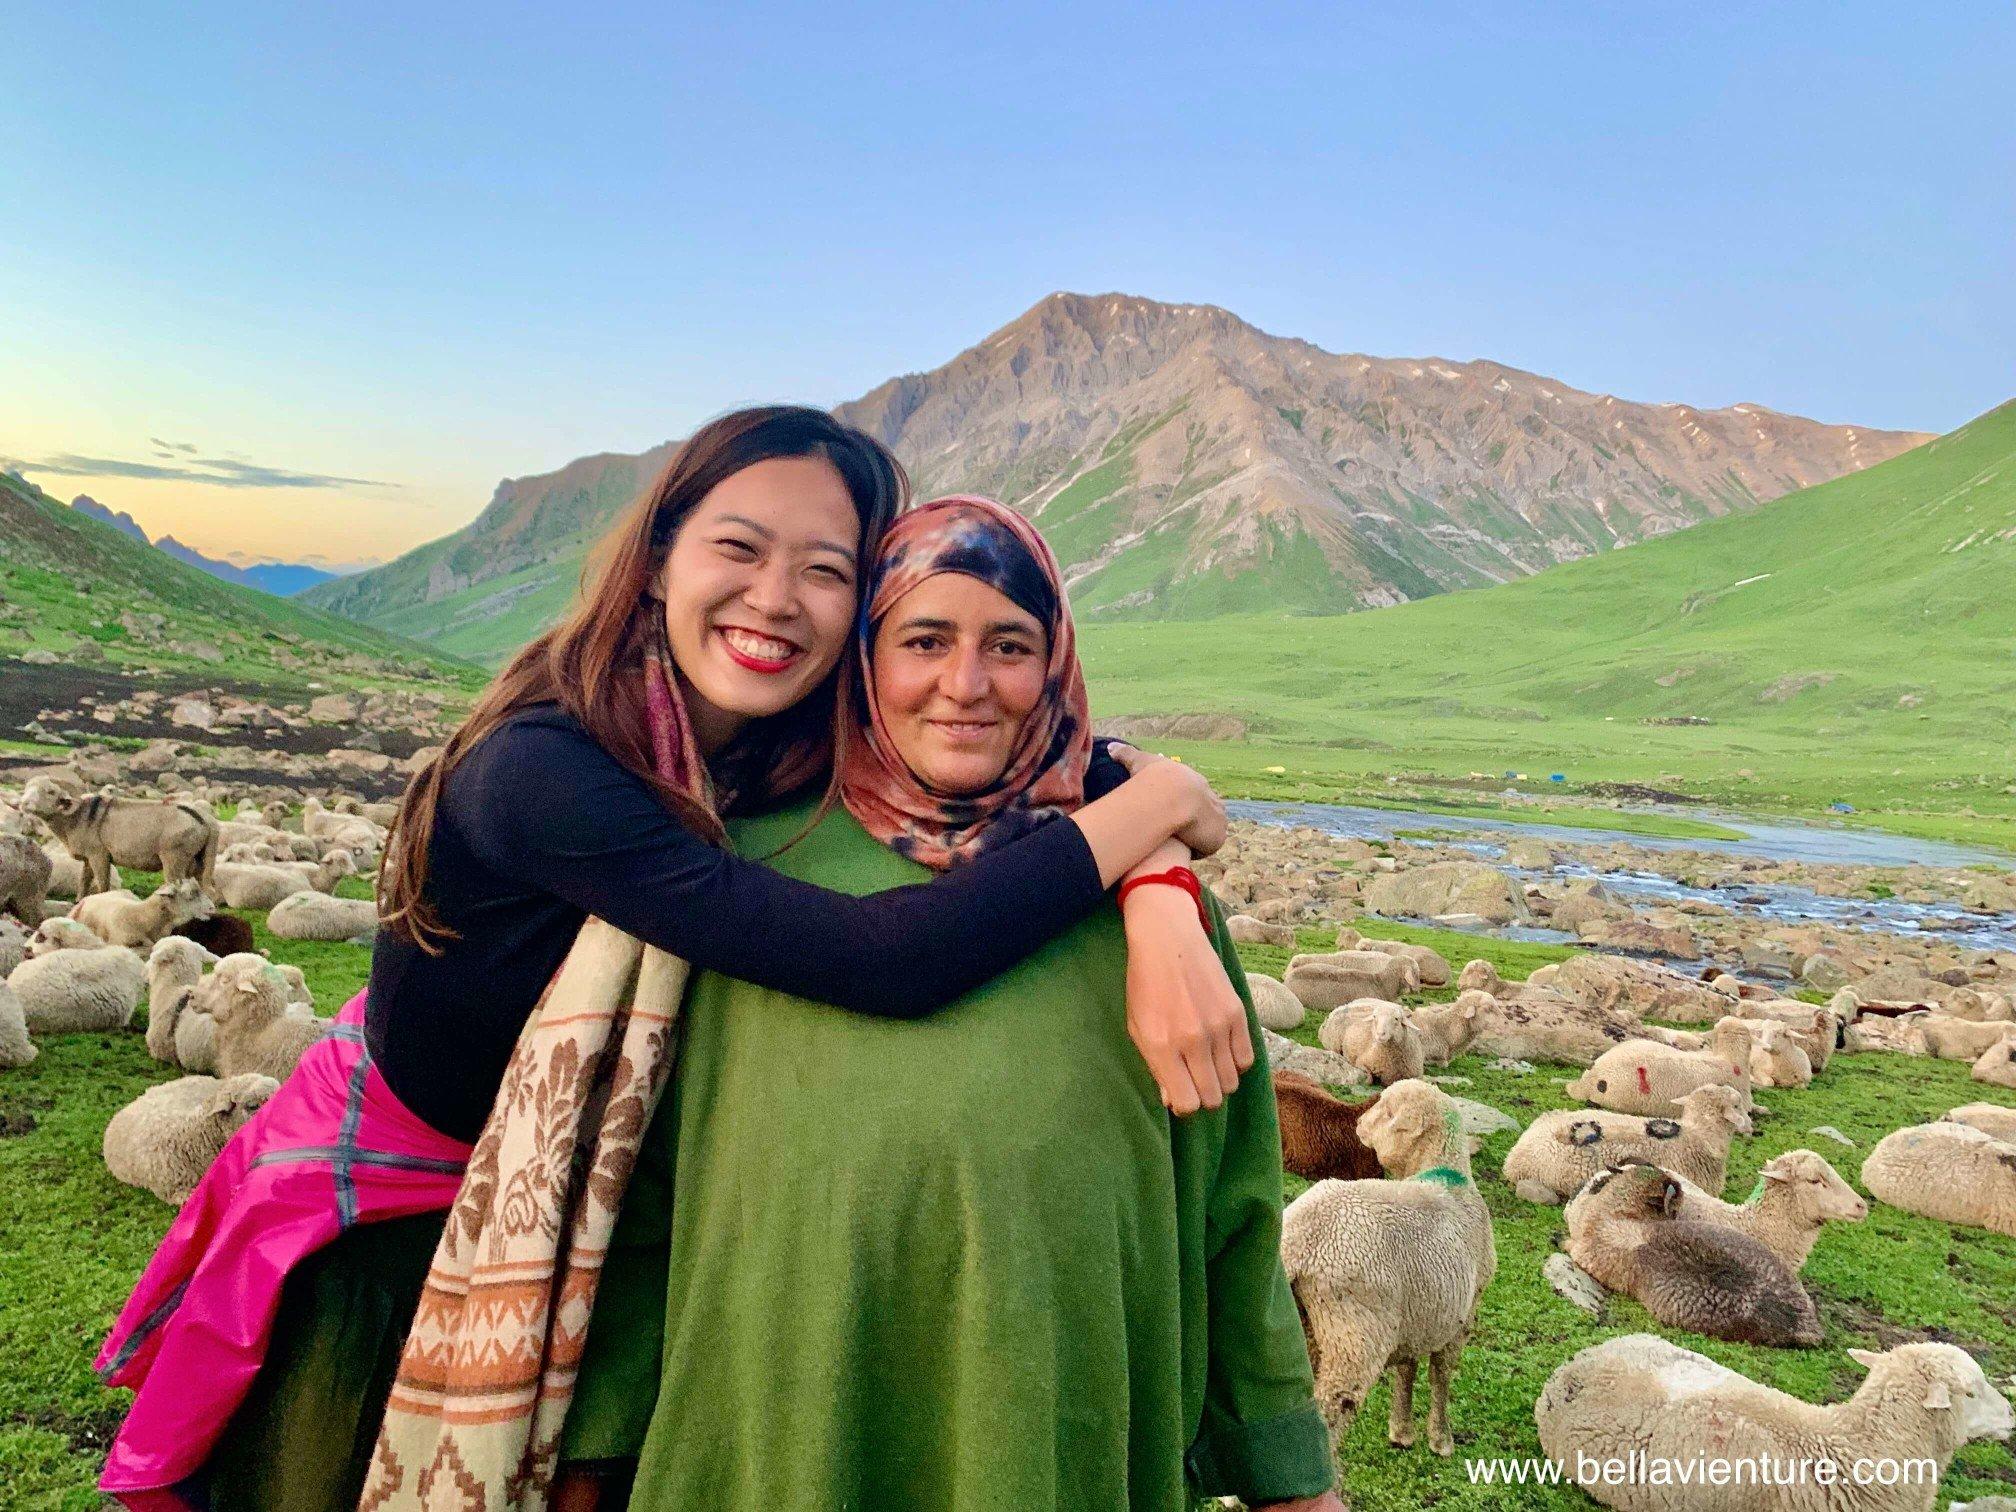 印度 India 北北印 North India 喀什米爾  Kashmir 八天七夜 健行 Nichnai Valley 被我擁抱的牧羊女